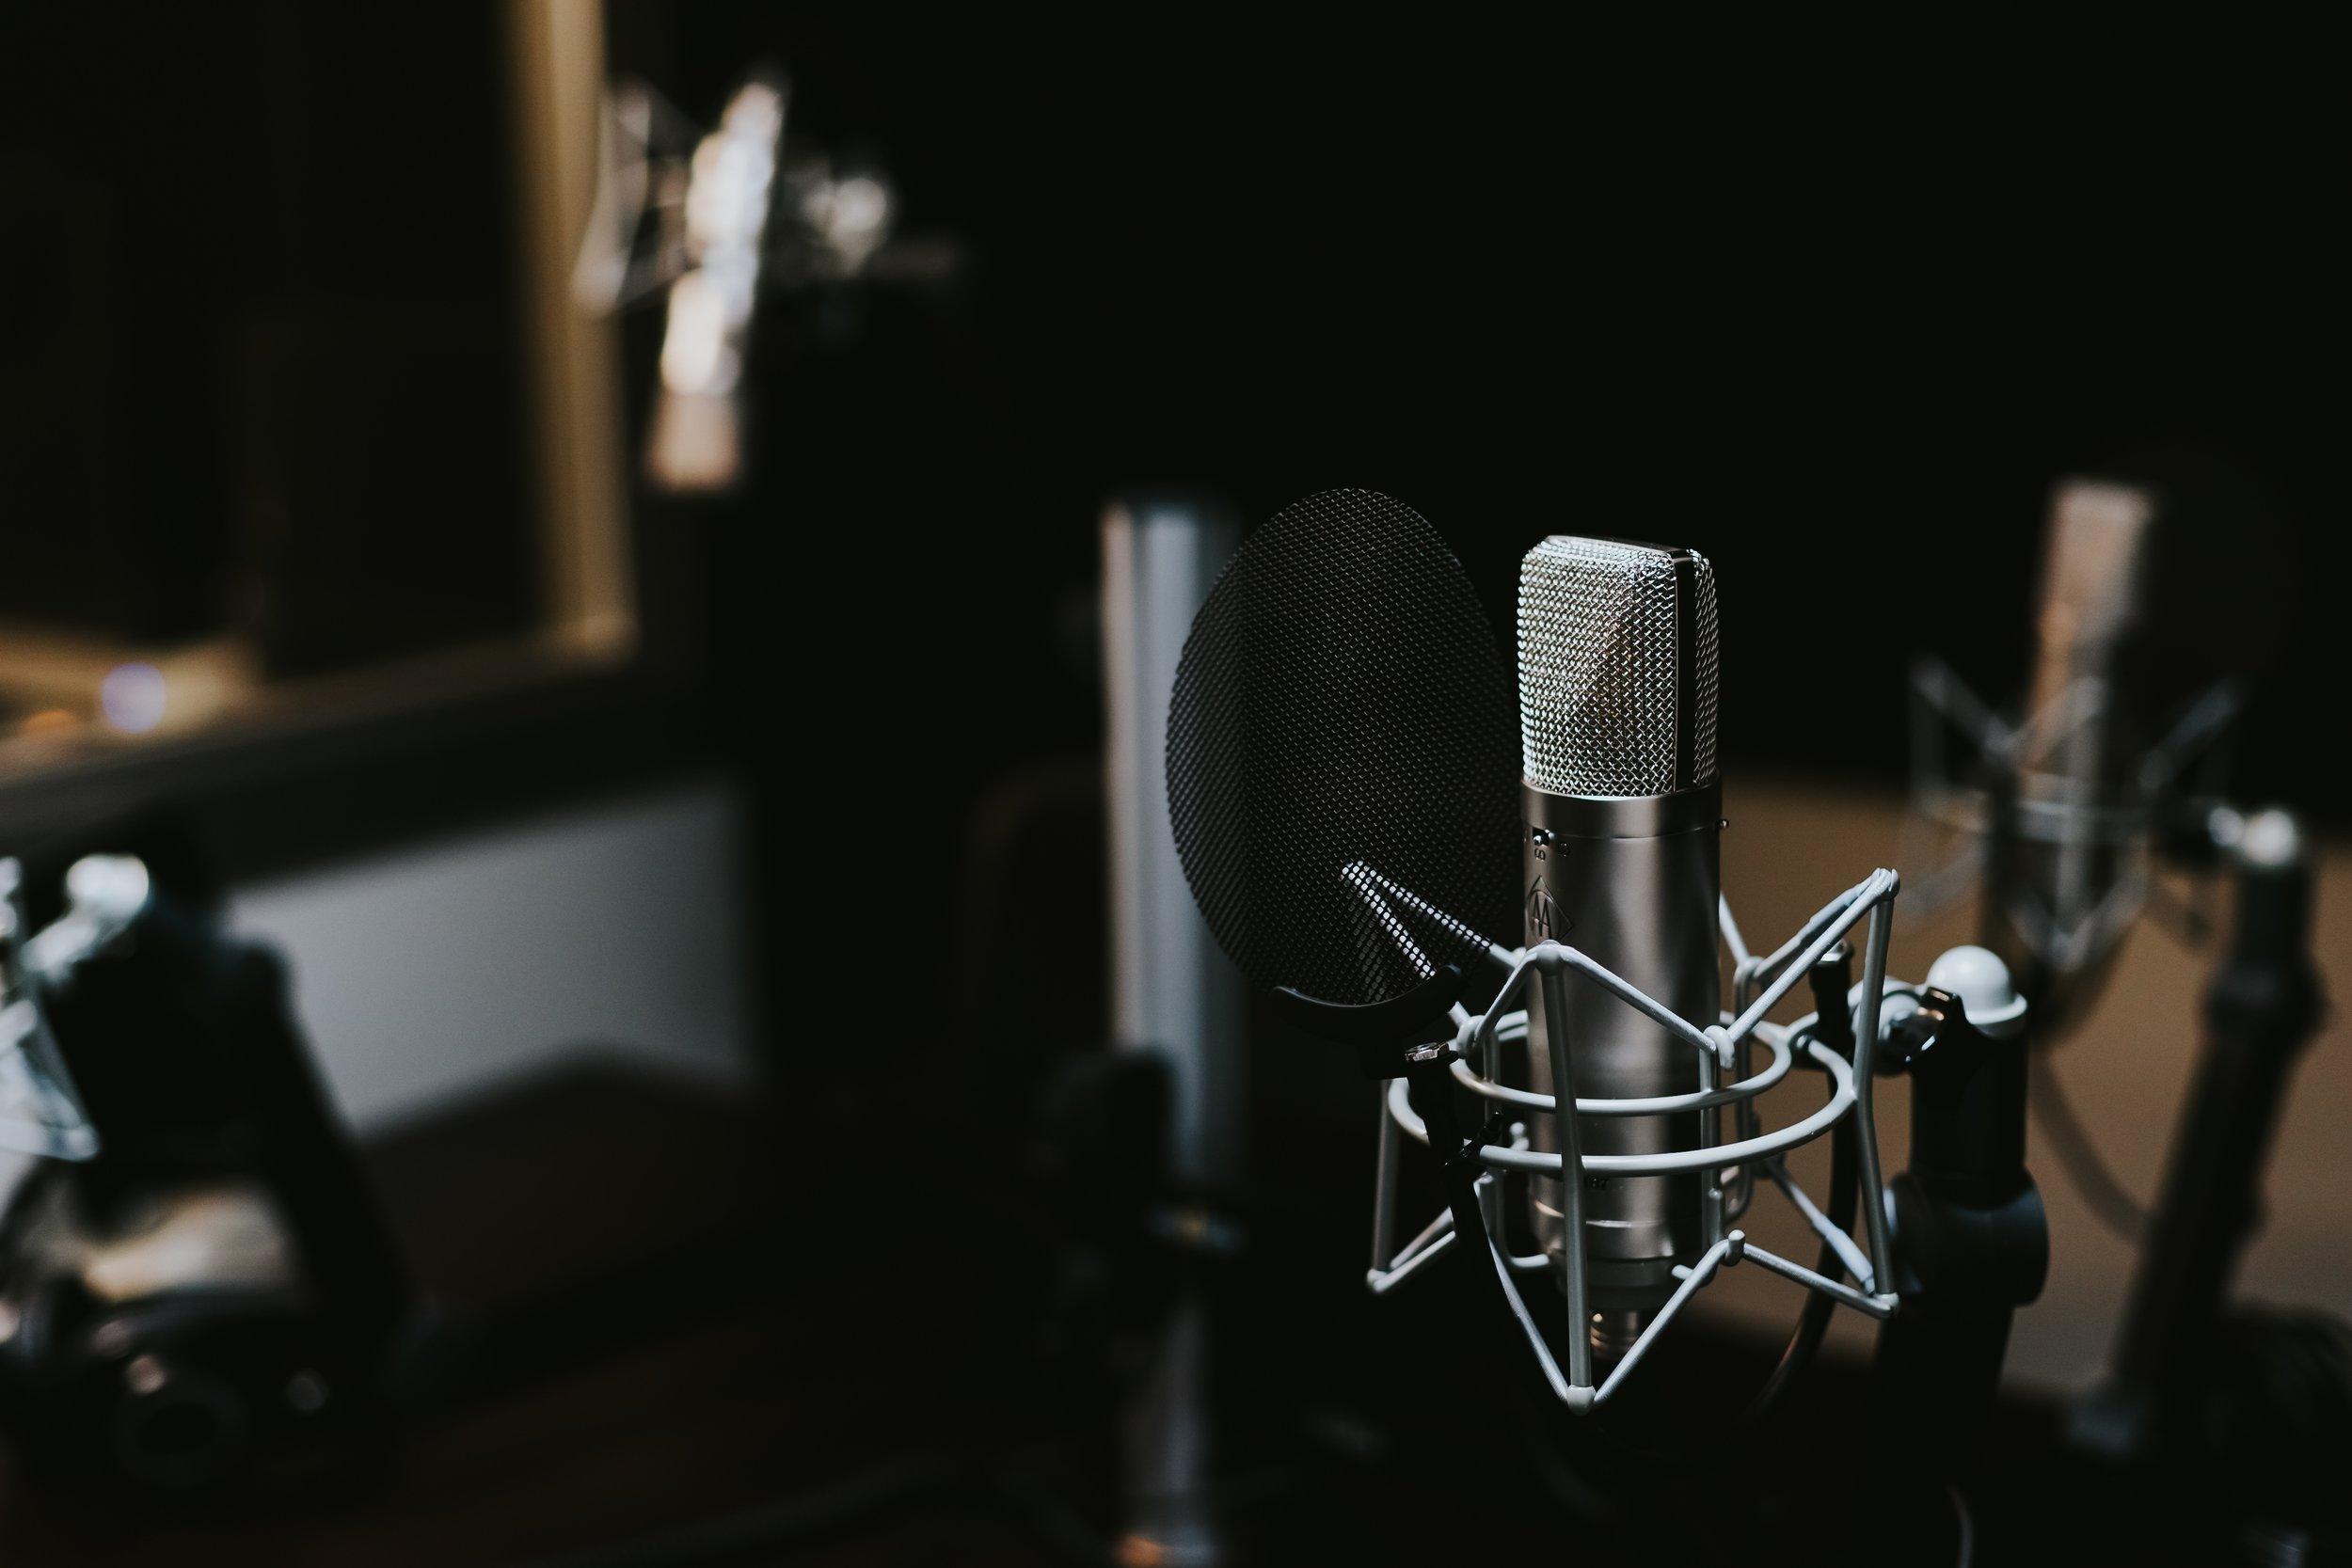 unsplash-jonathan-velasquez-podcastmic.jpg